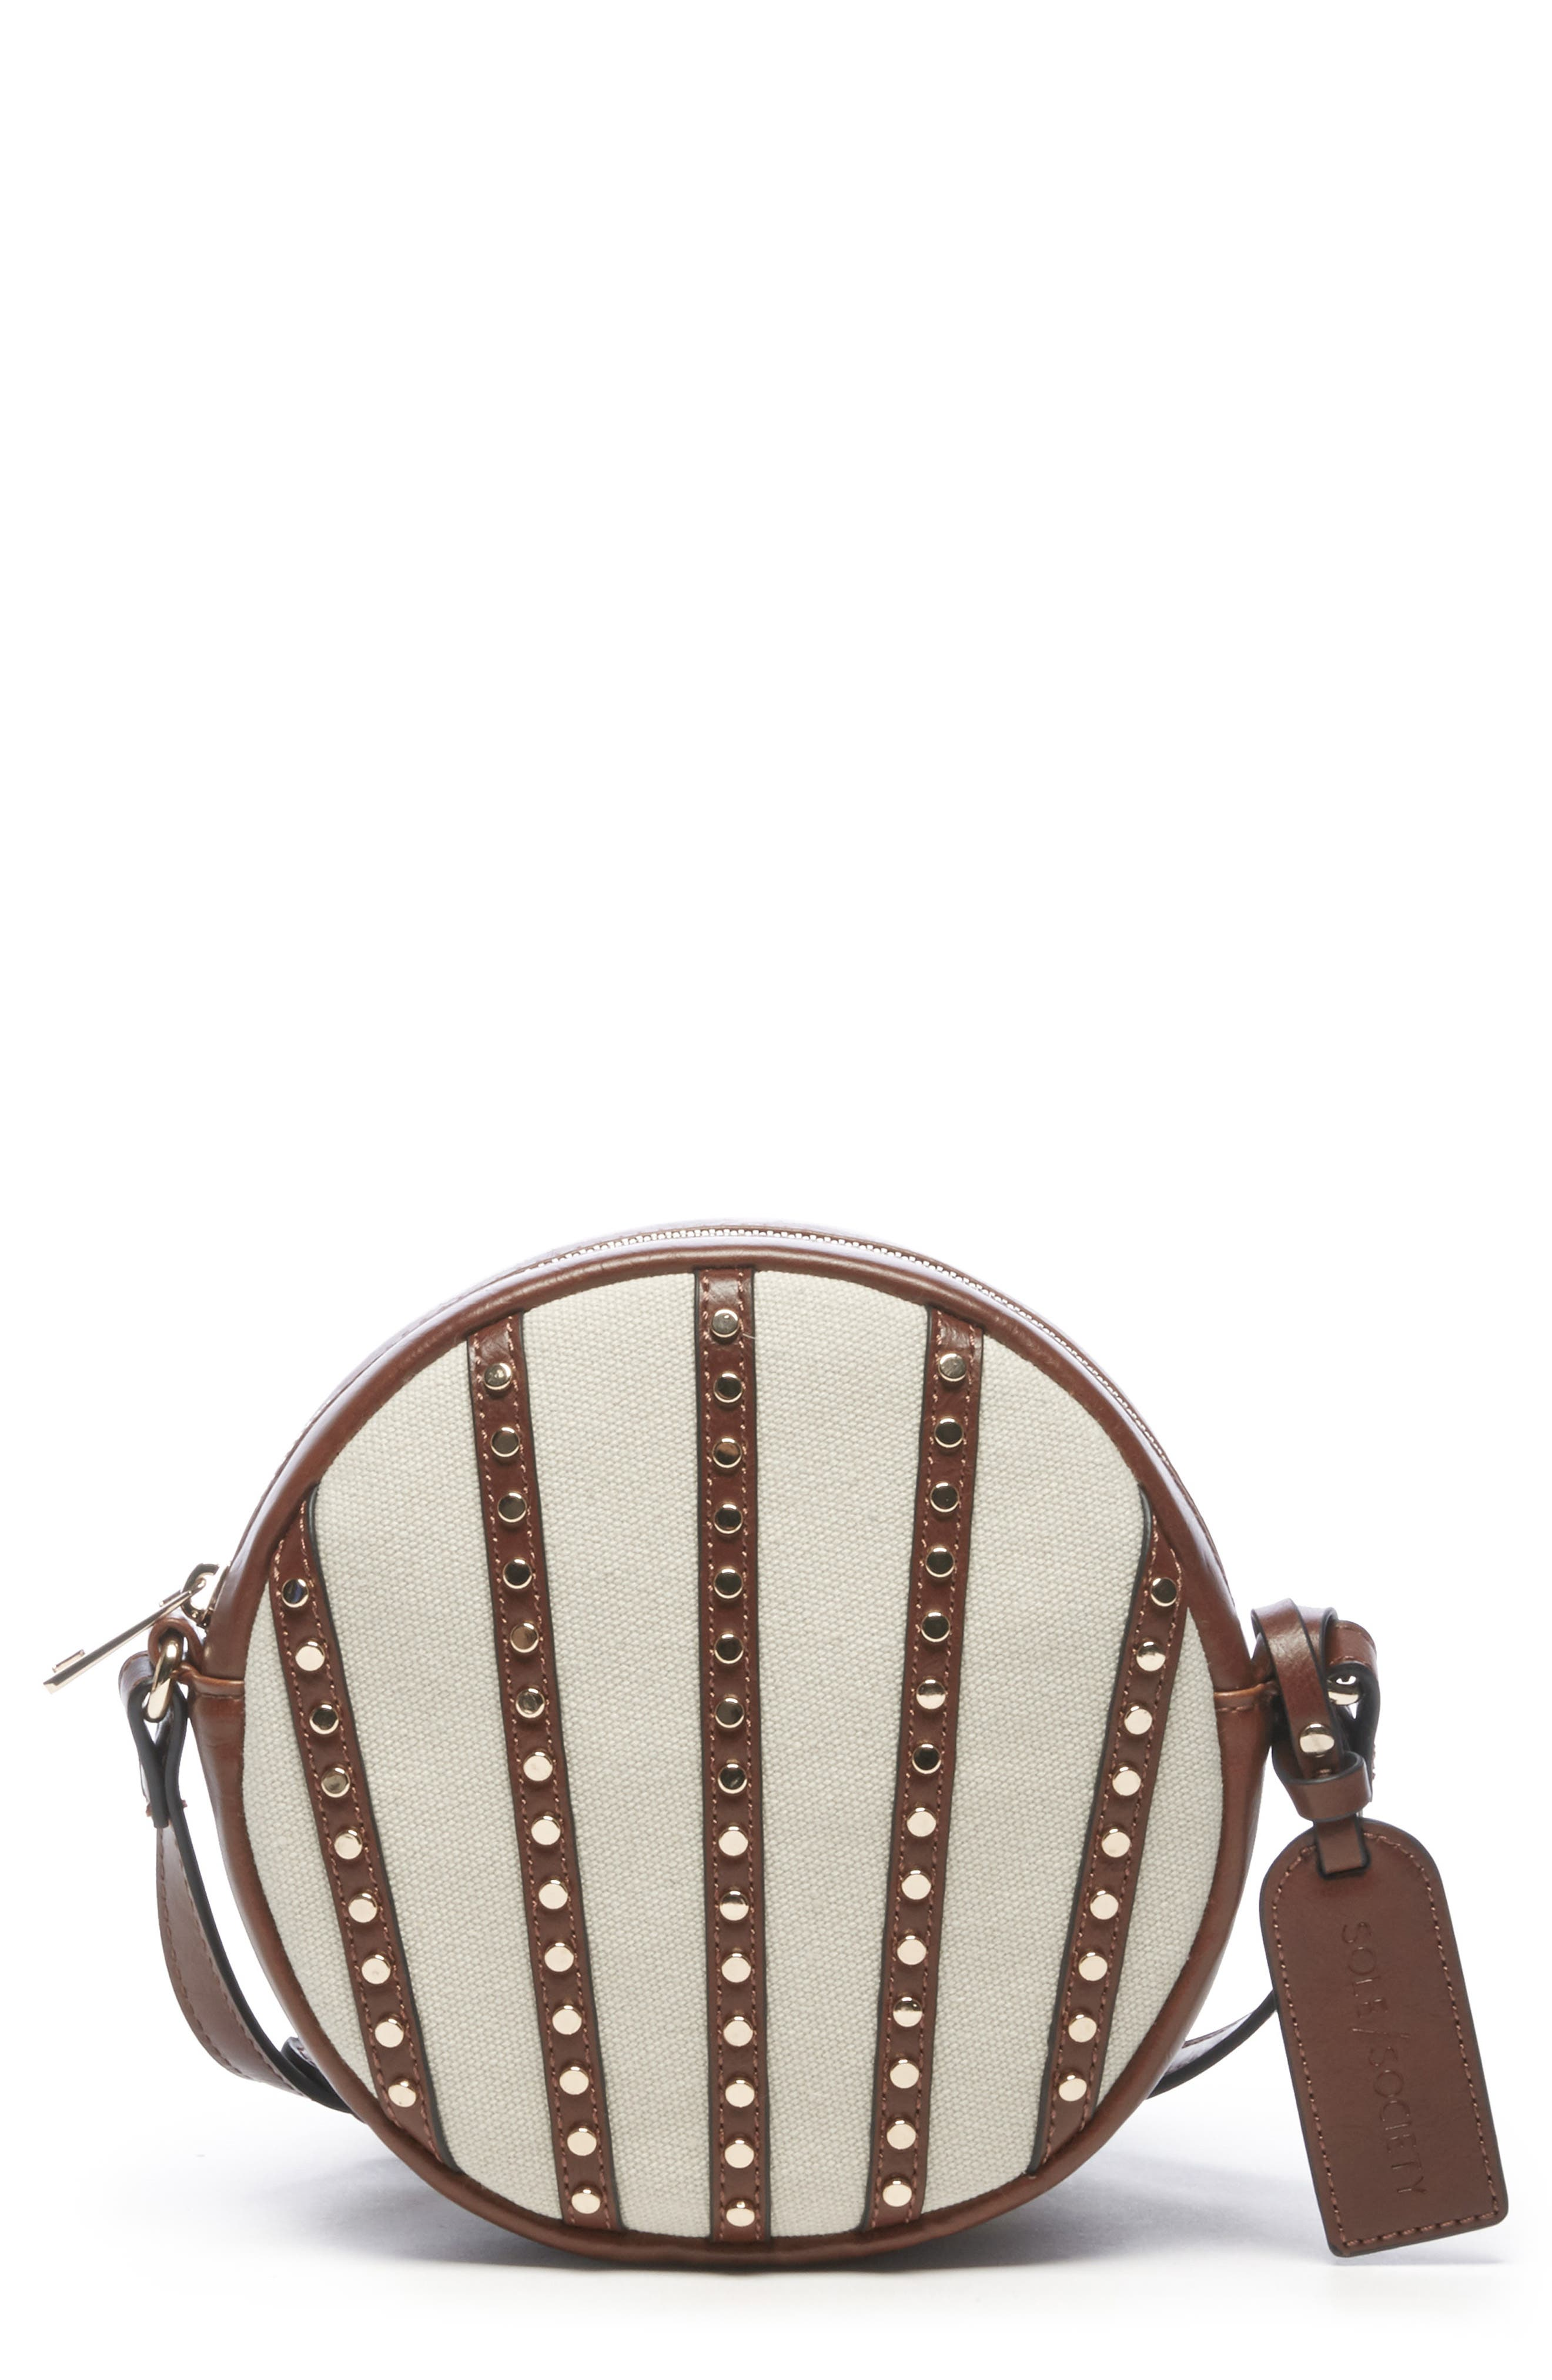 Aira Studded Crossbody Bag,                             Main thumbnail 1, color,                             NATURAL